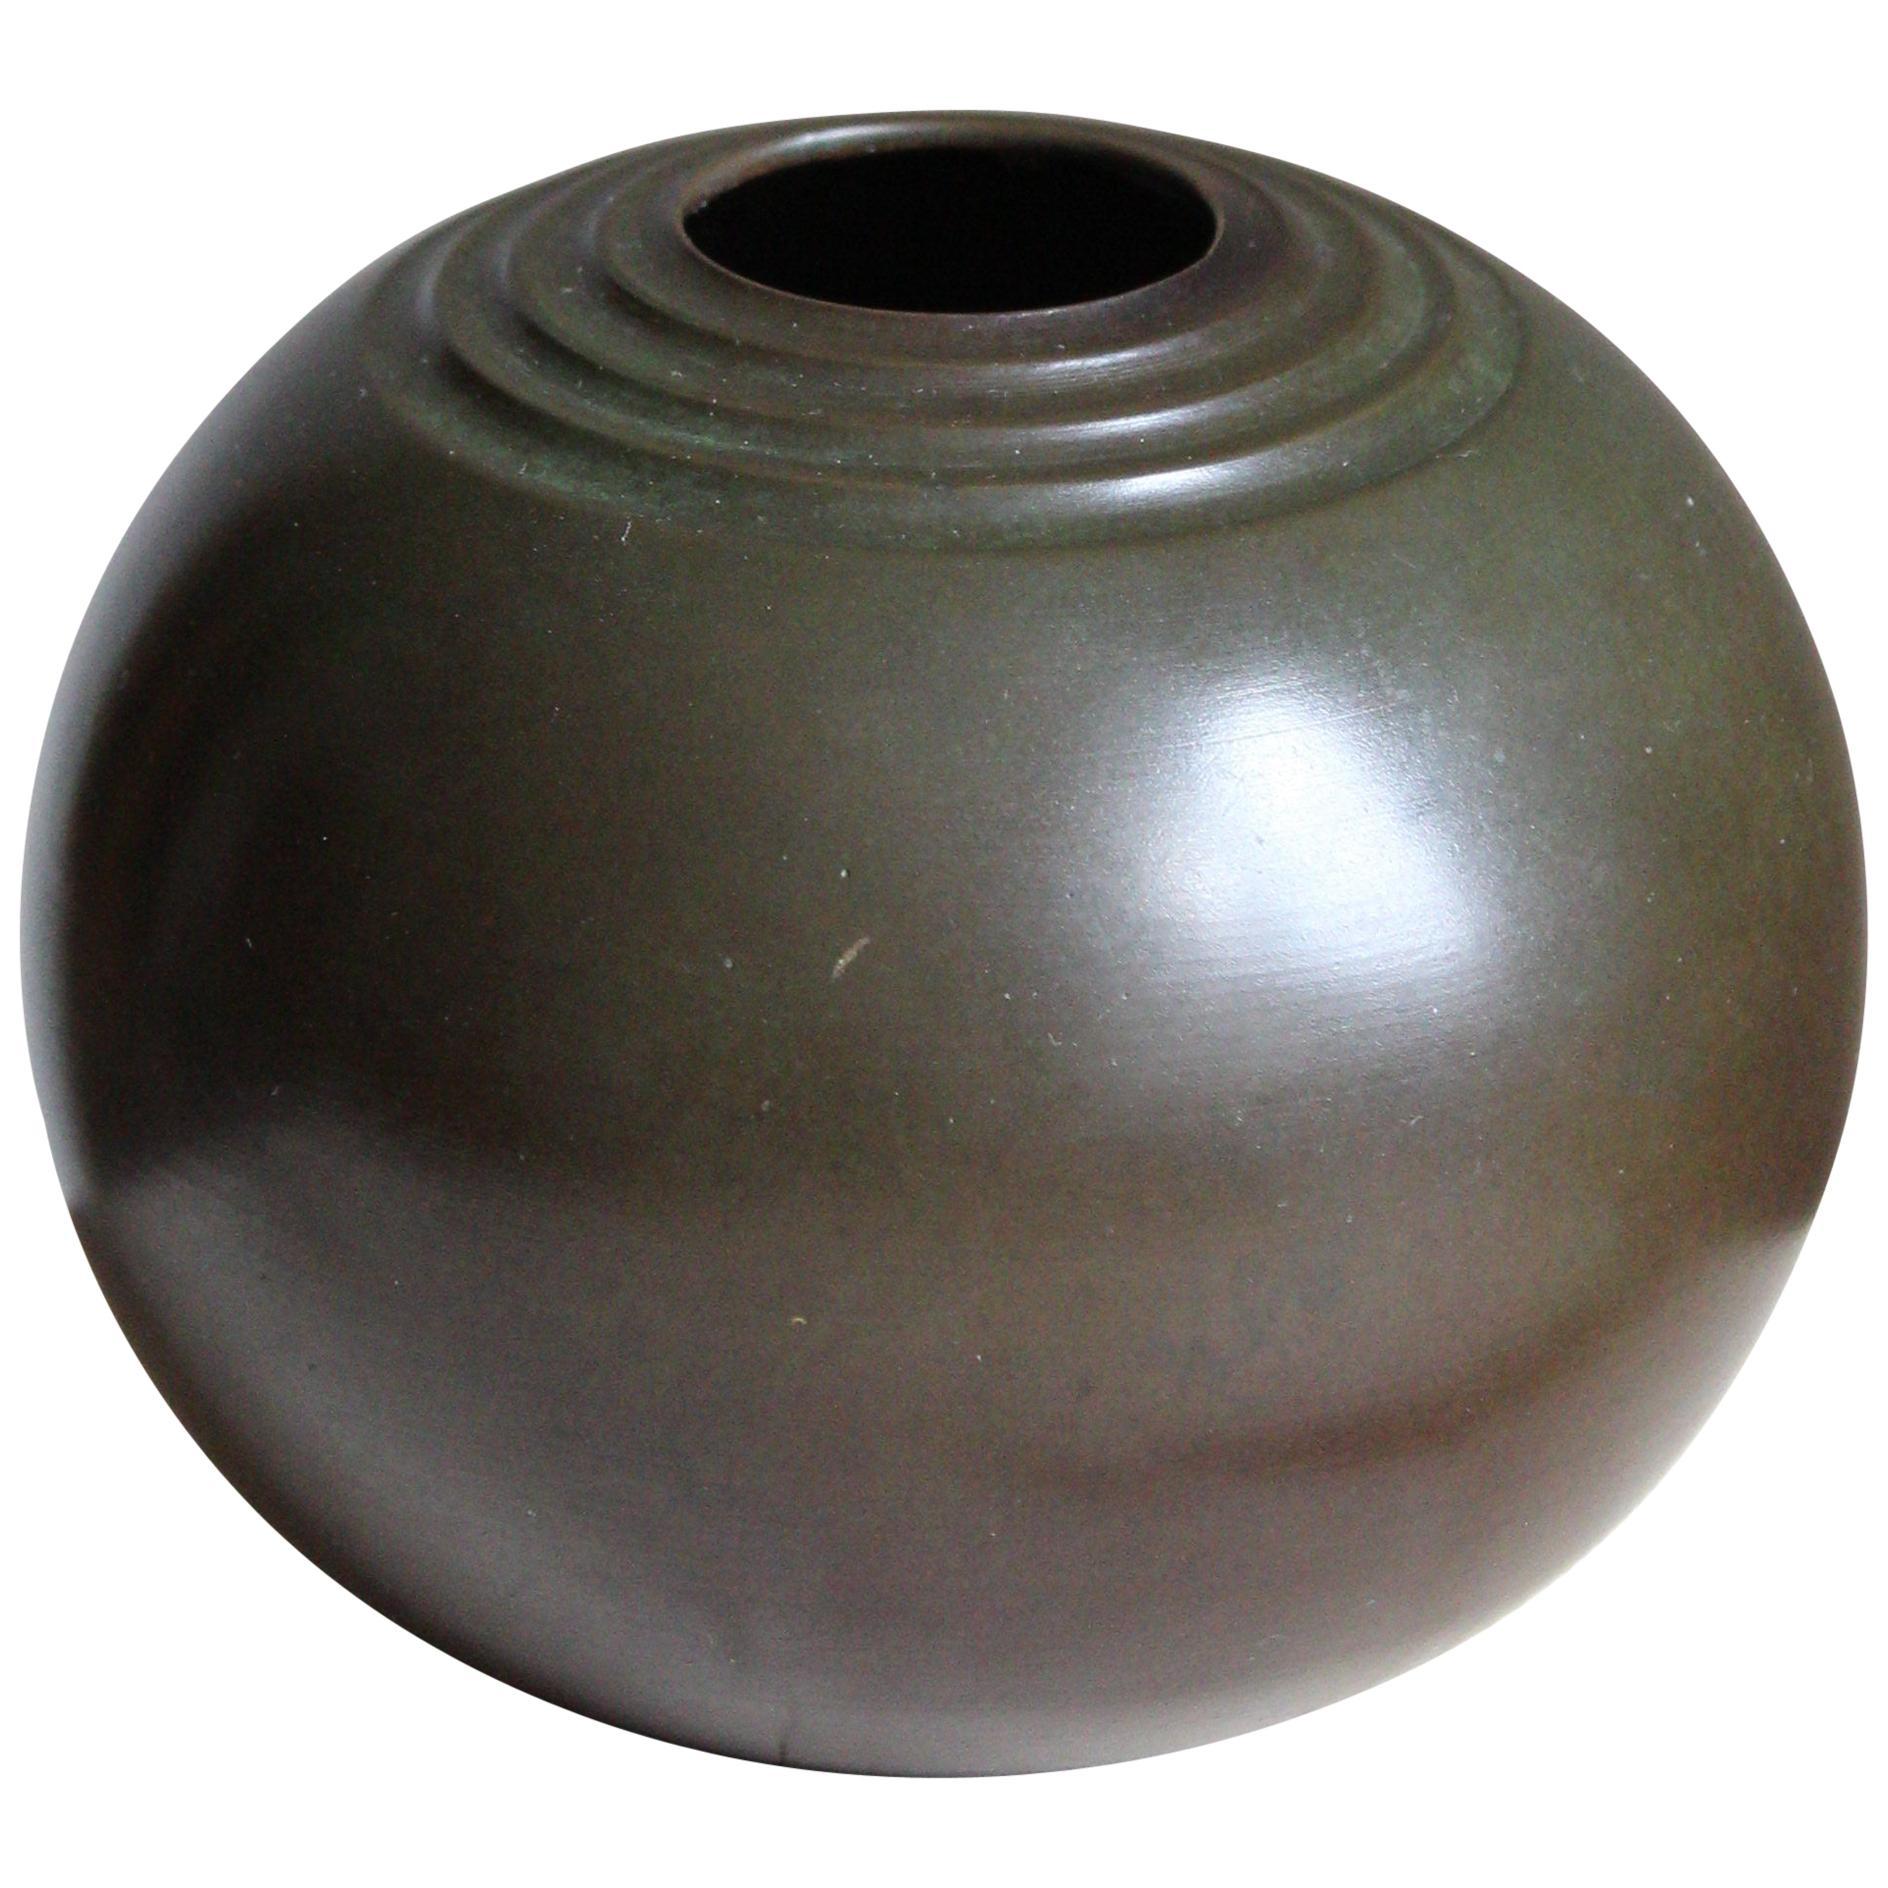 GAB Guldsmedsaktiebolaget, Small Vase, Bronze, Sweden, 1930s